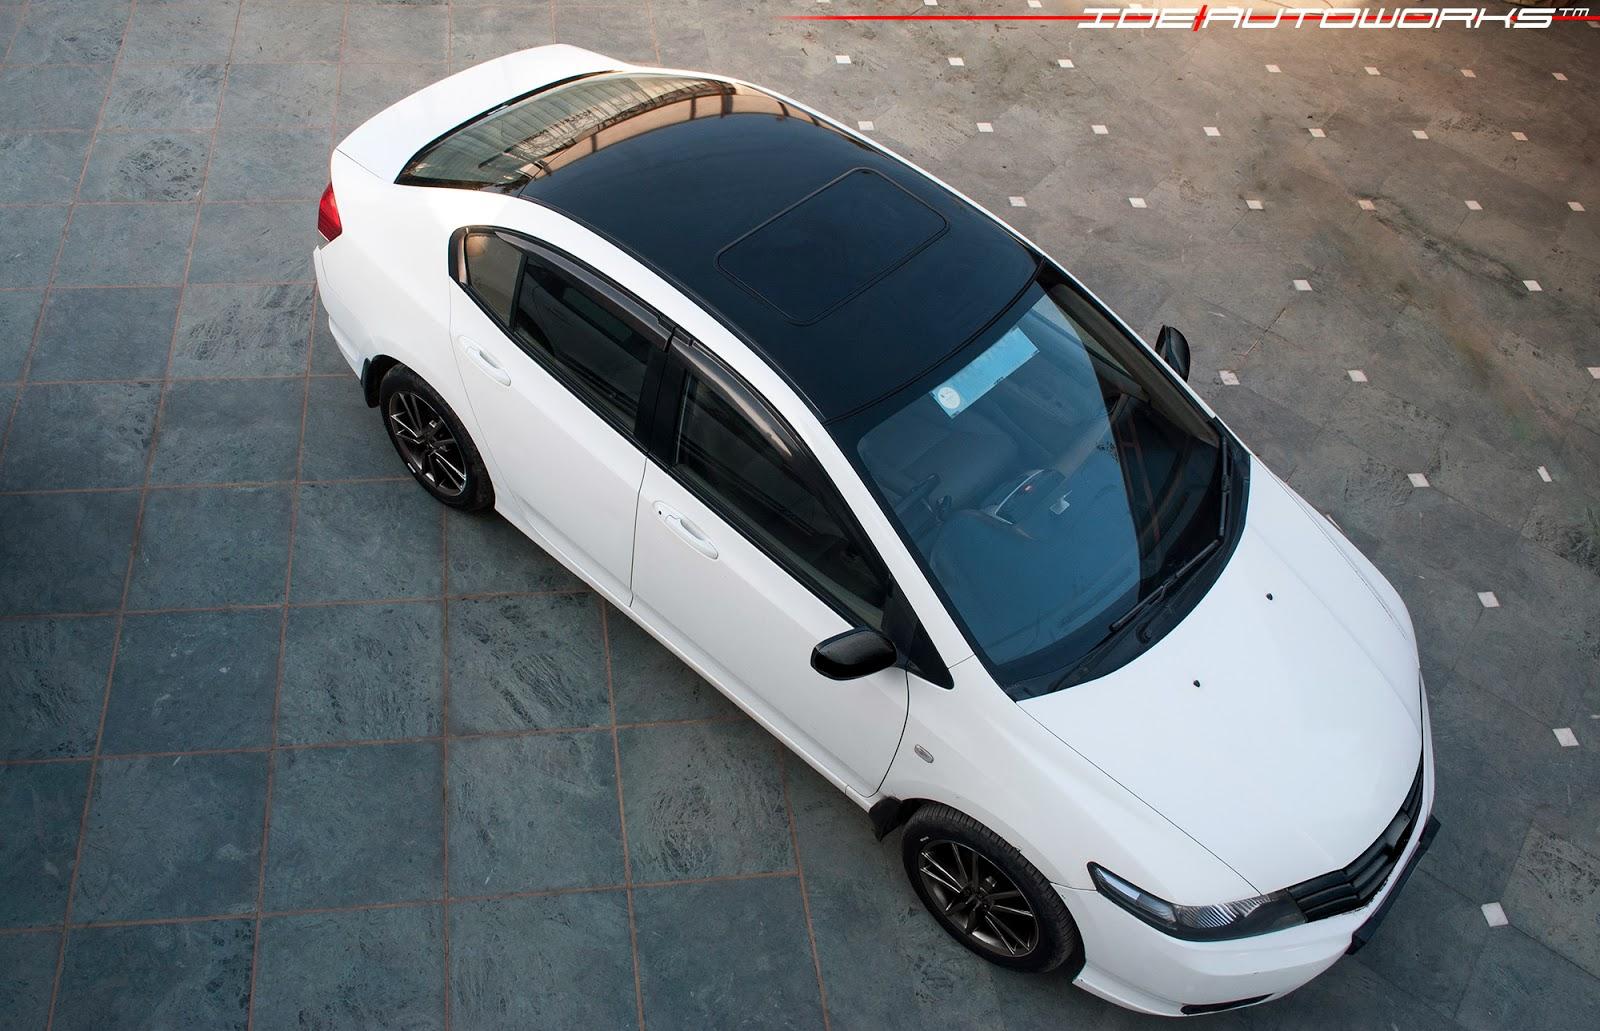 Honda City Roof Wrap Ide Autoworks